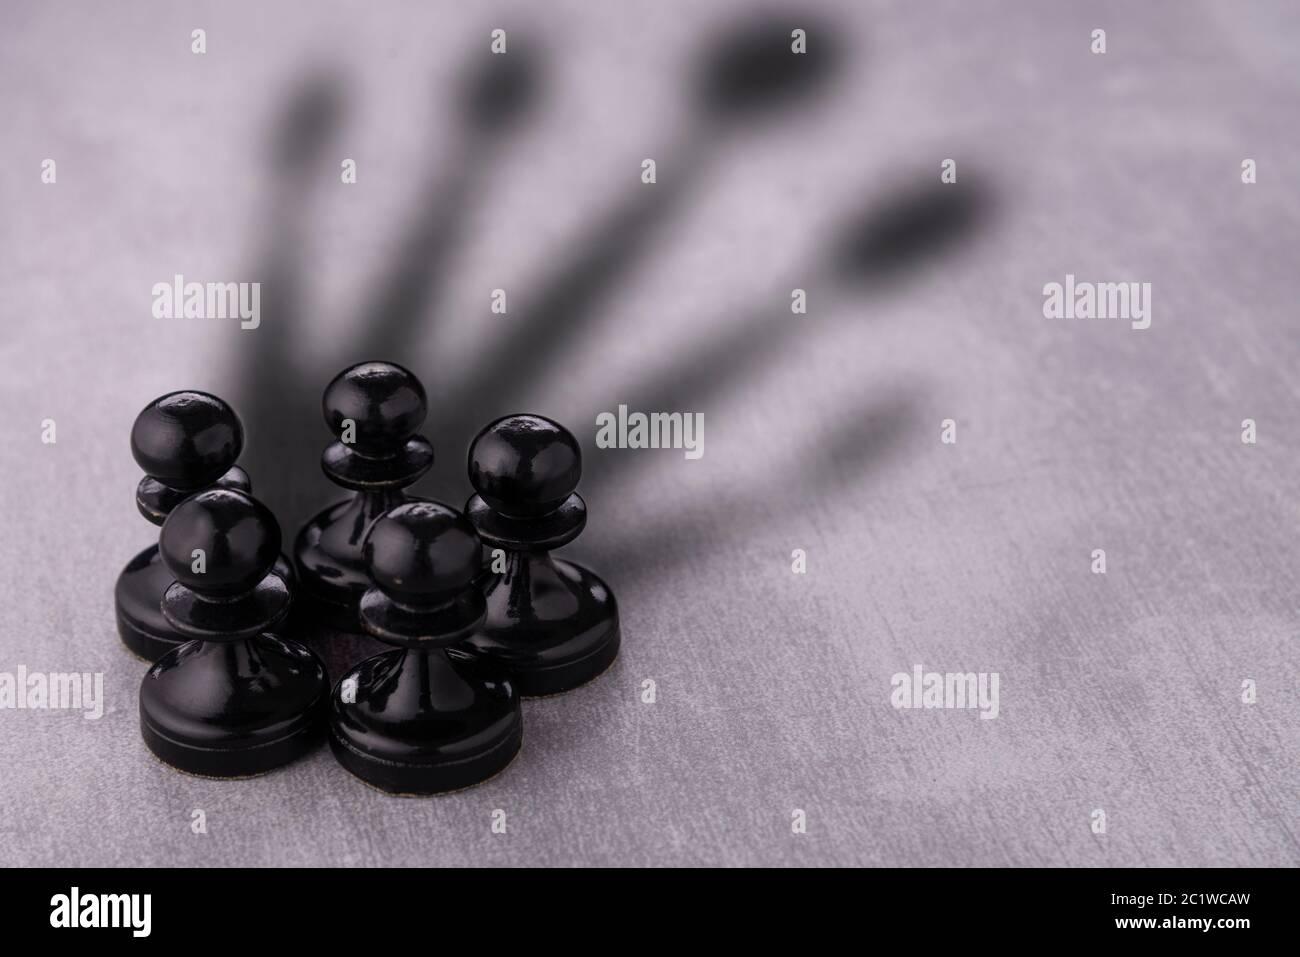 Schachfiguren-Kreis mit Schatten, der als Krone geformt ist Stockfoto